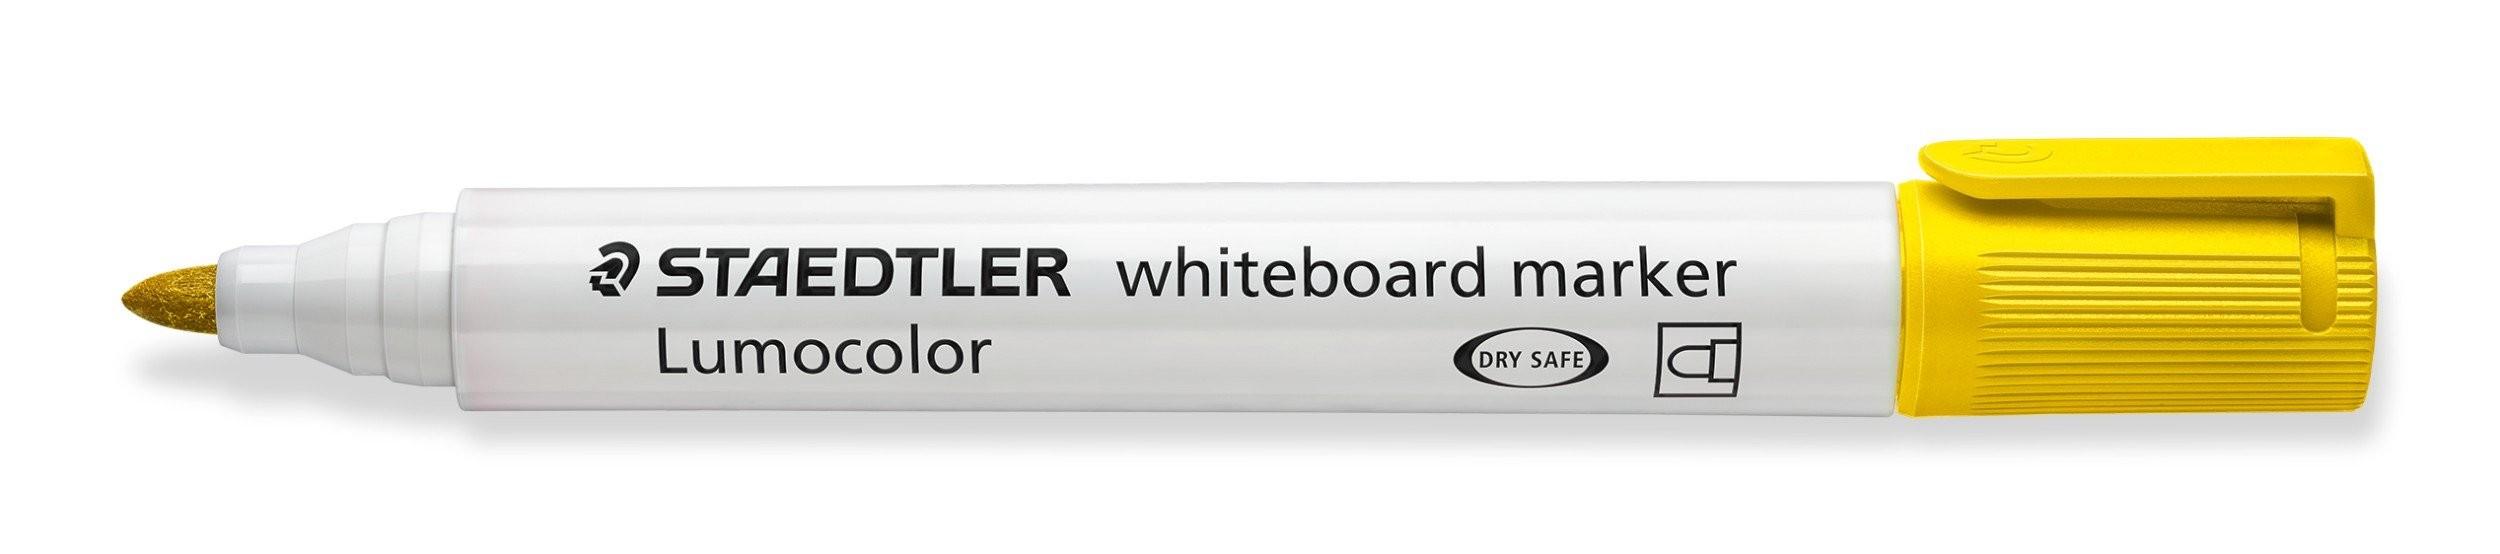 STAEDTLER Lumocolor permanent marker